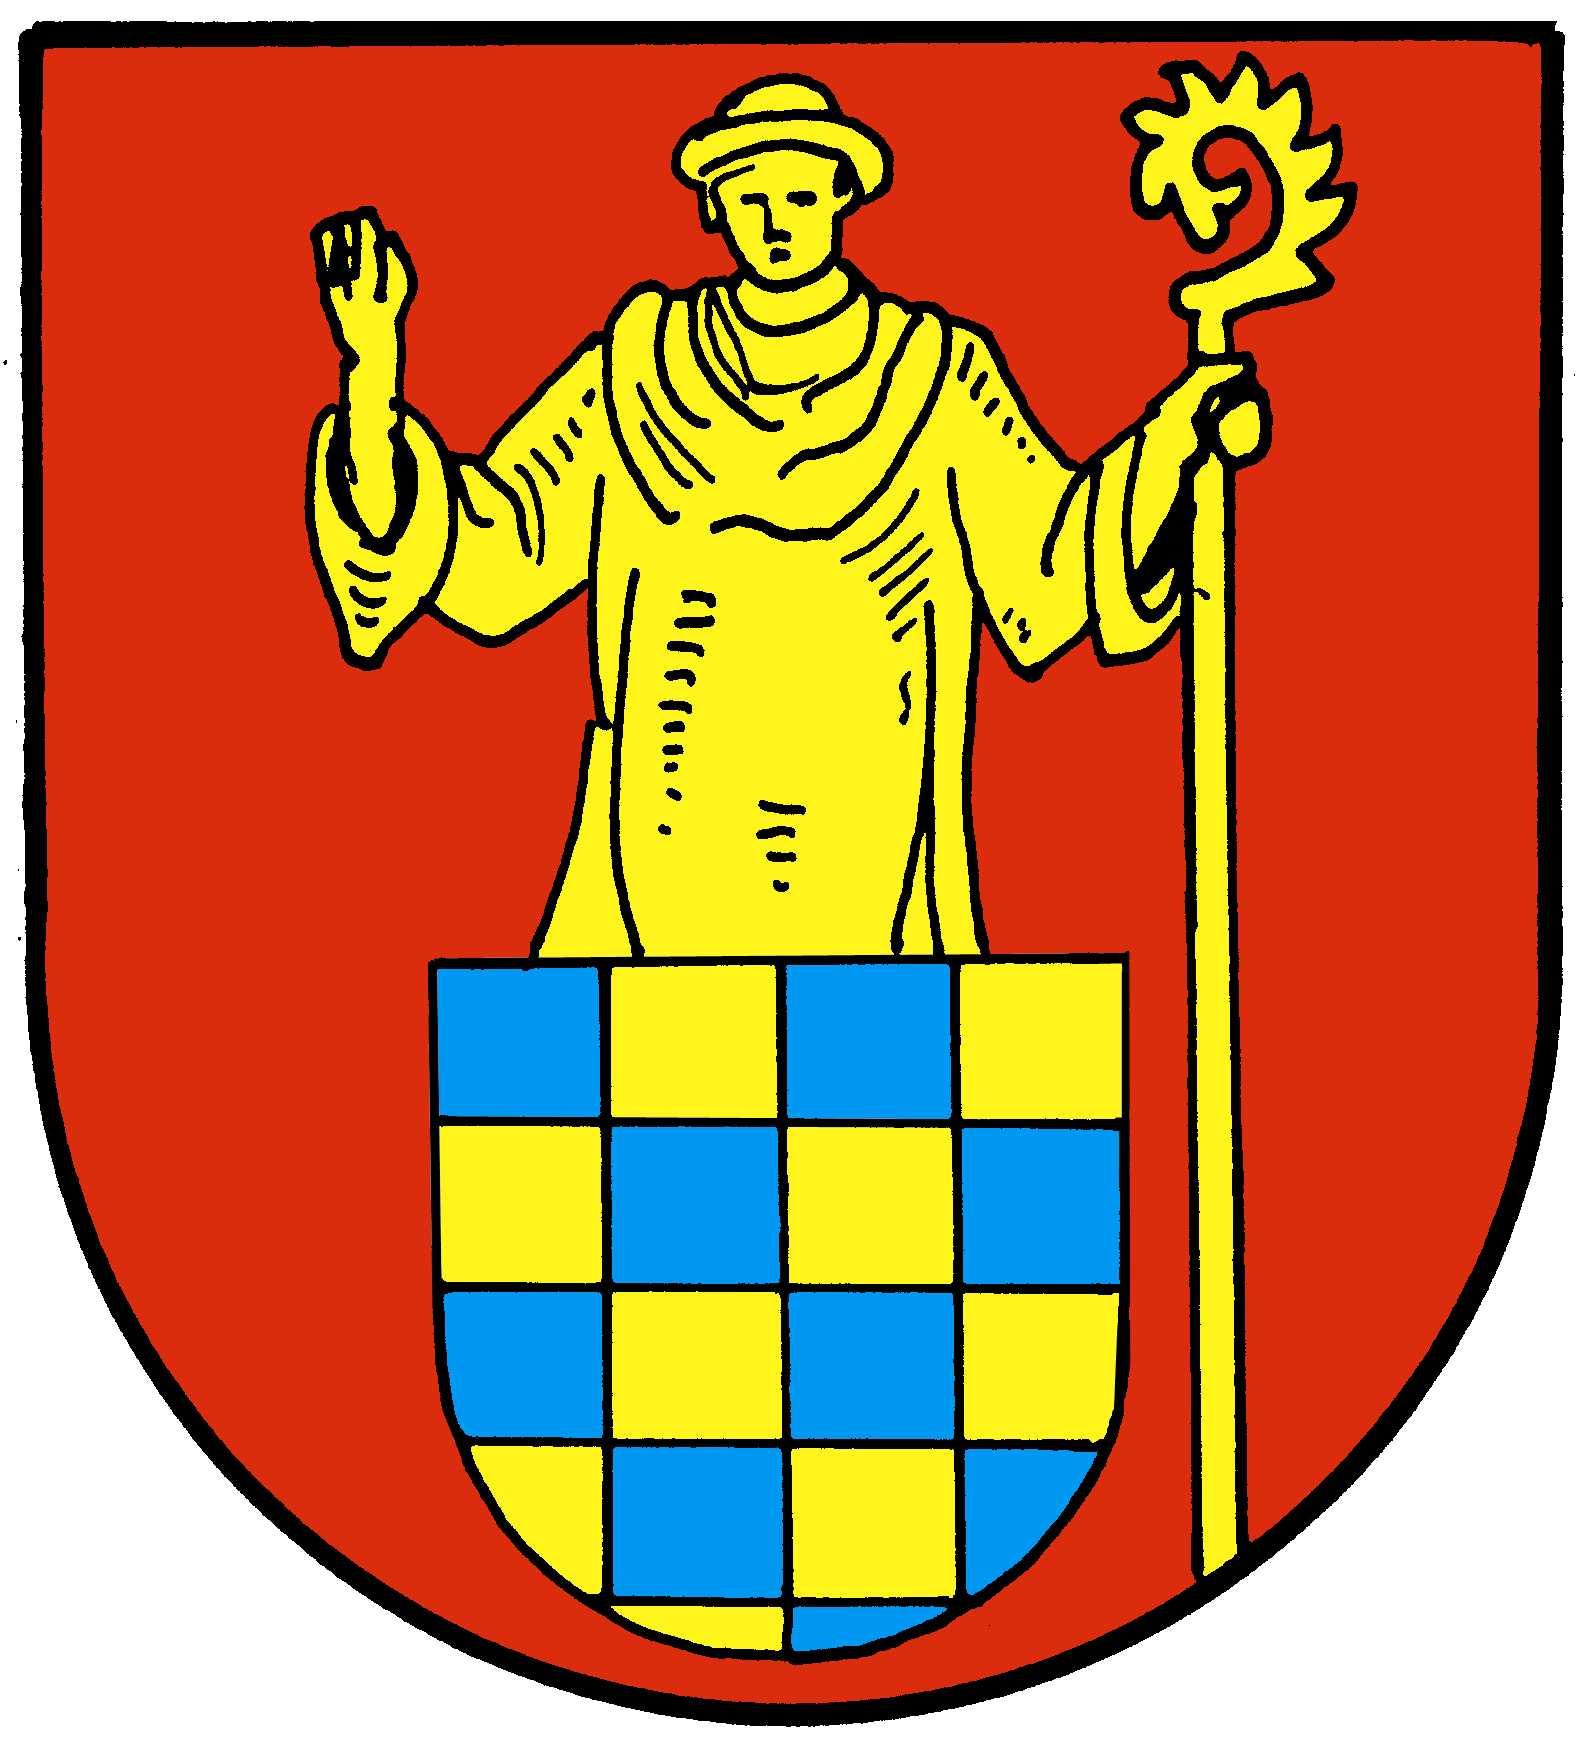 hd deutsche pornofilme Wittlich(Rhineland-Palatinate)